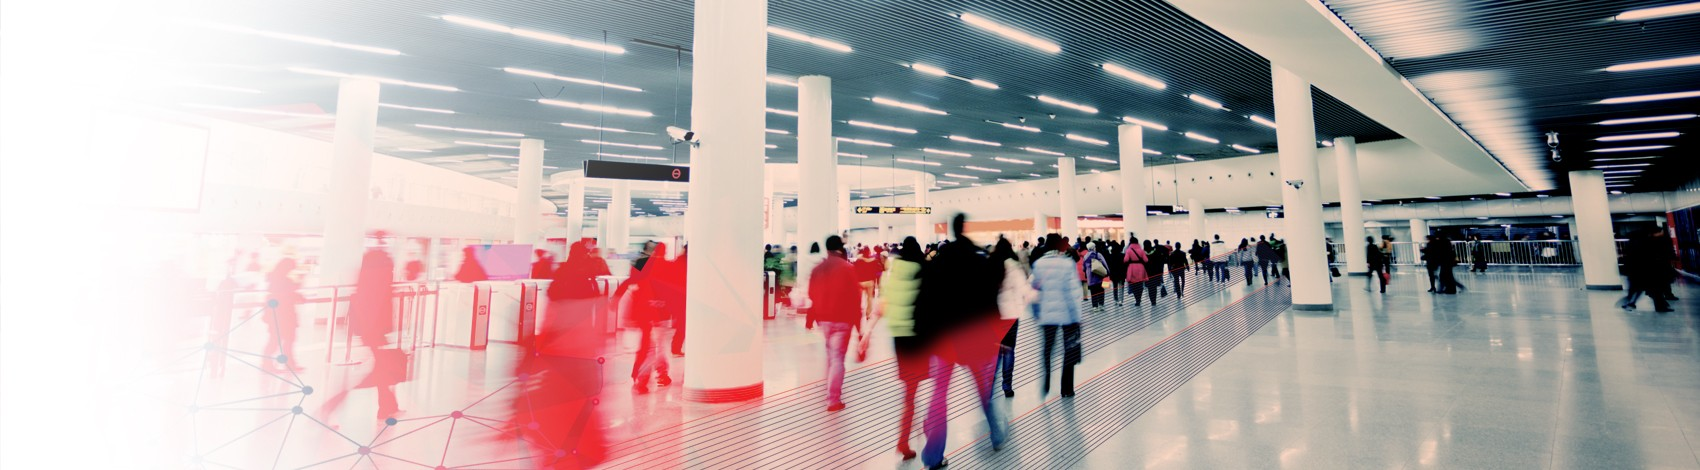 Person flow, crowd management simulation